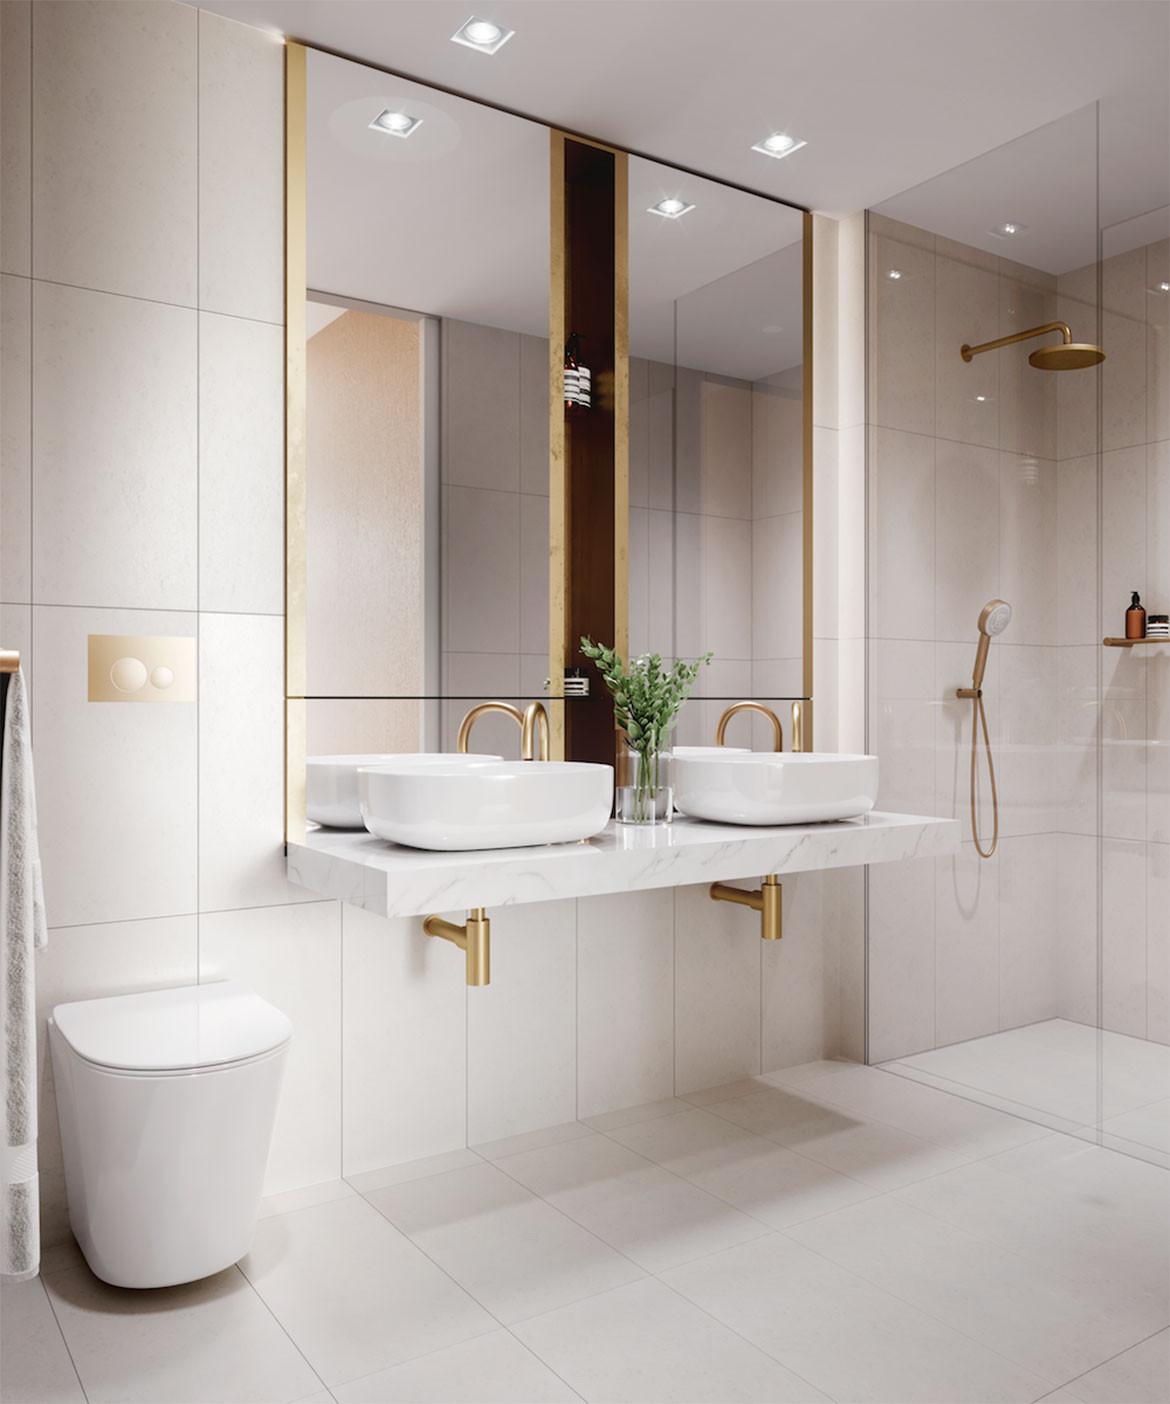 Calibre Koichi Takada and Kengo Kuma bathroom